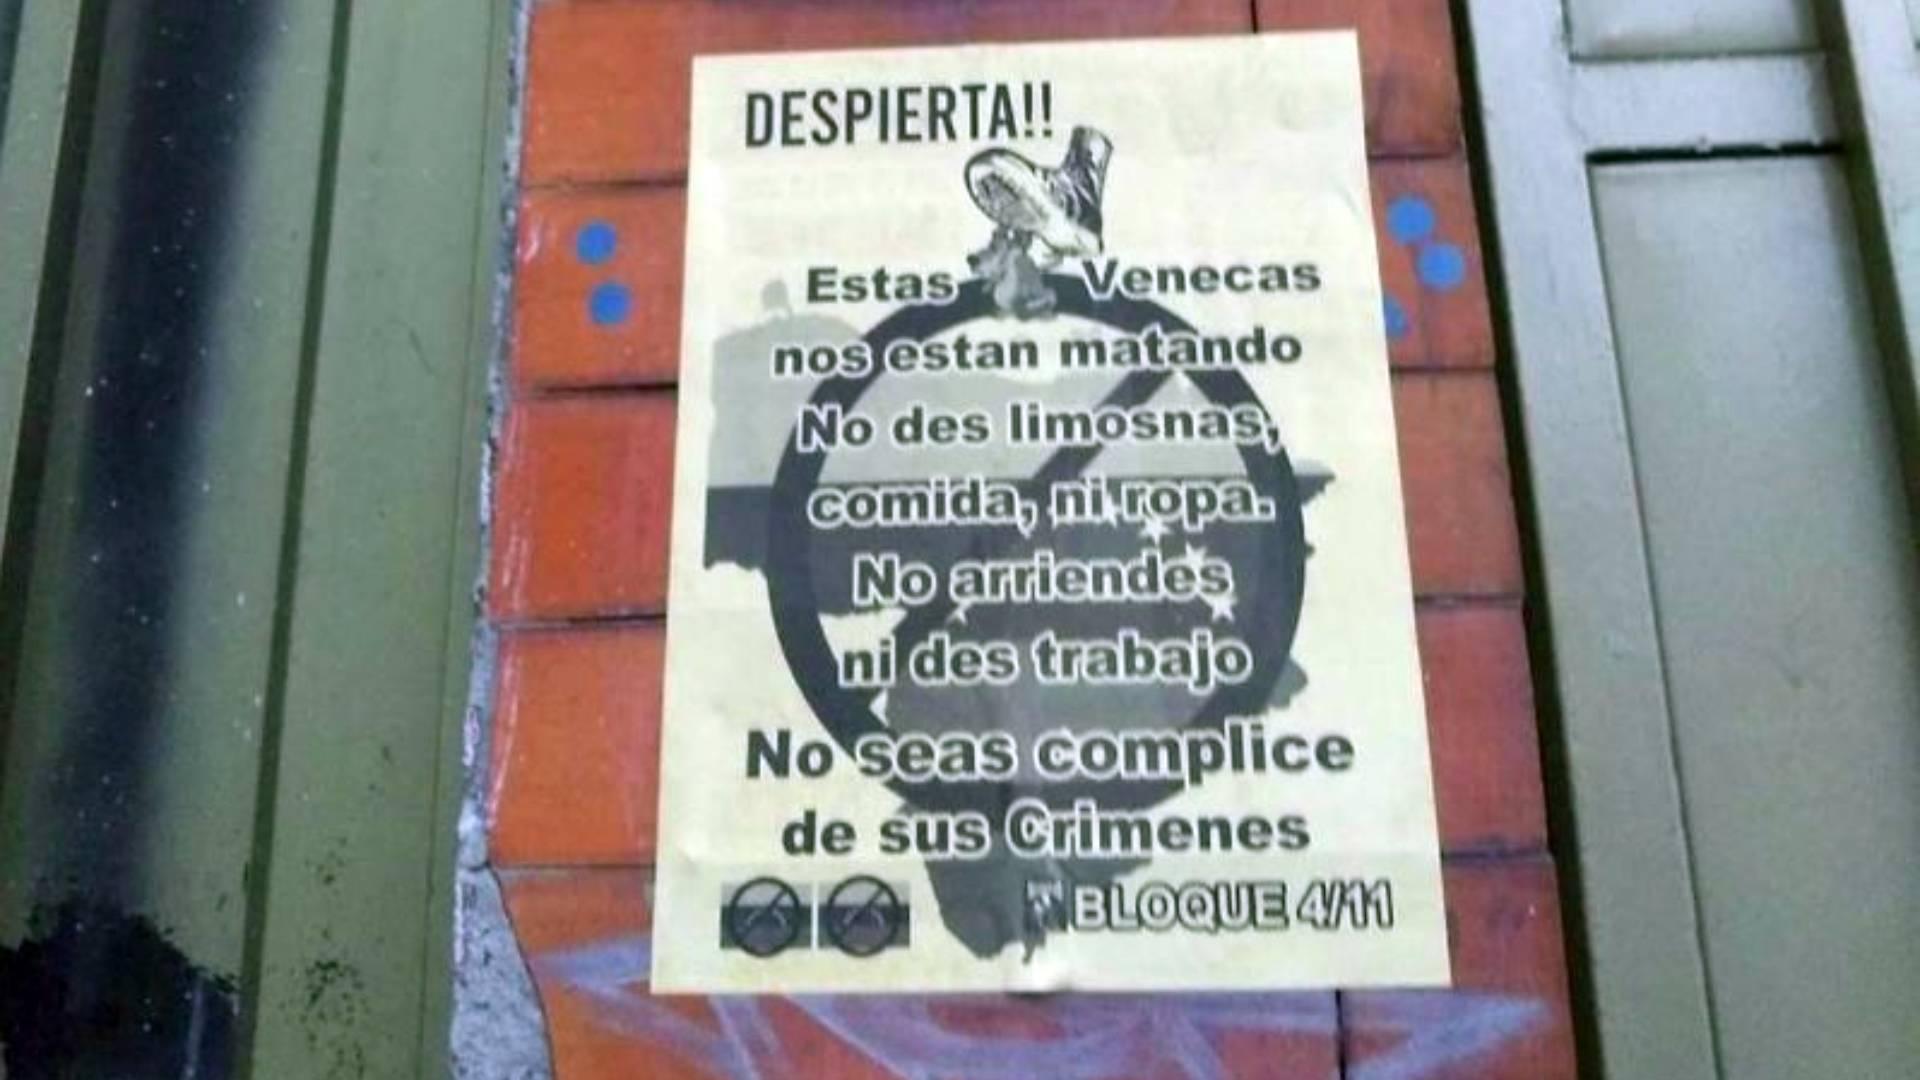 Venezuela un estado fallido ? - Página 24 FCMN3N2INVEX5BH6BCZNS2BULE